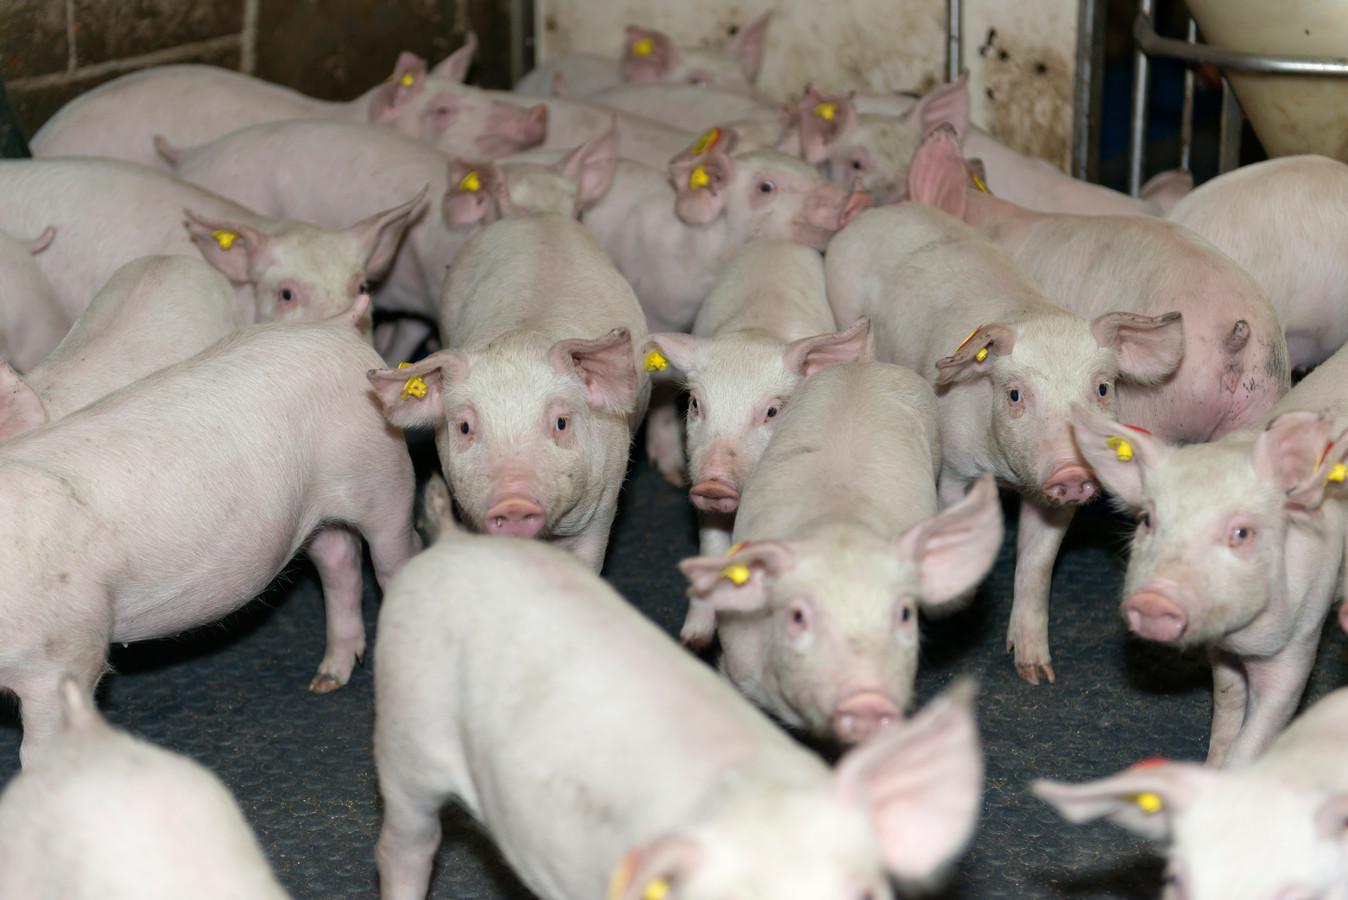 Biggen op een varkenshouderij in Zuidoost-Brabant. Beeld ter illustratie.